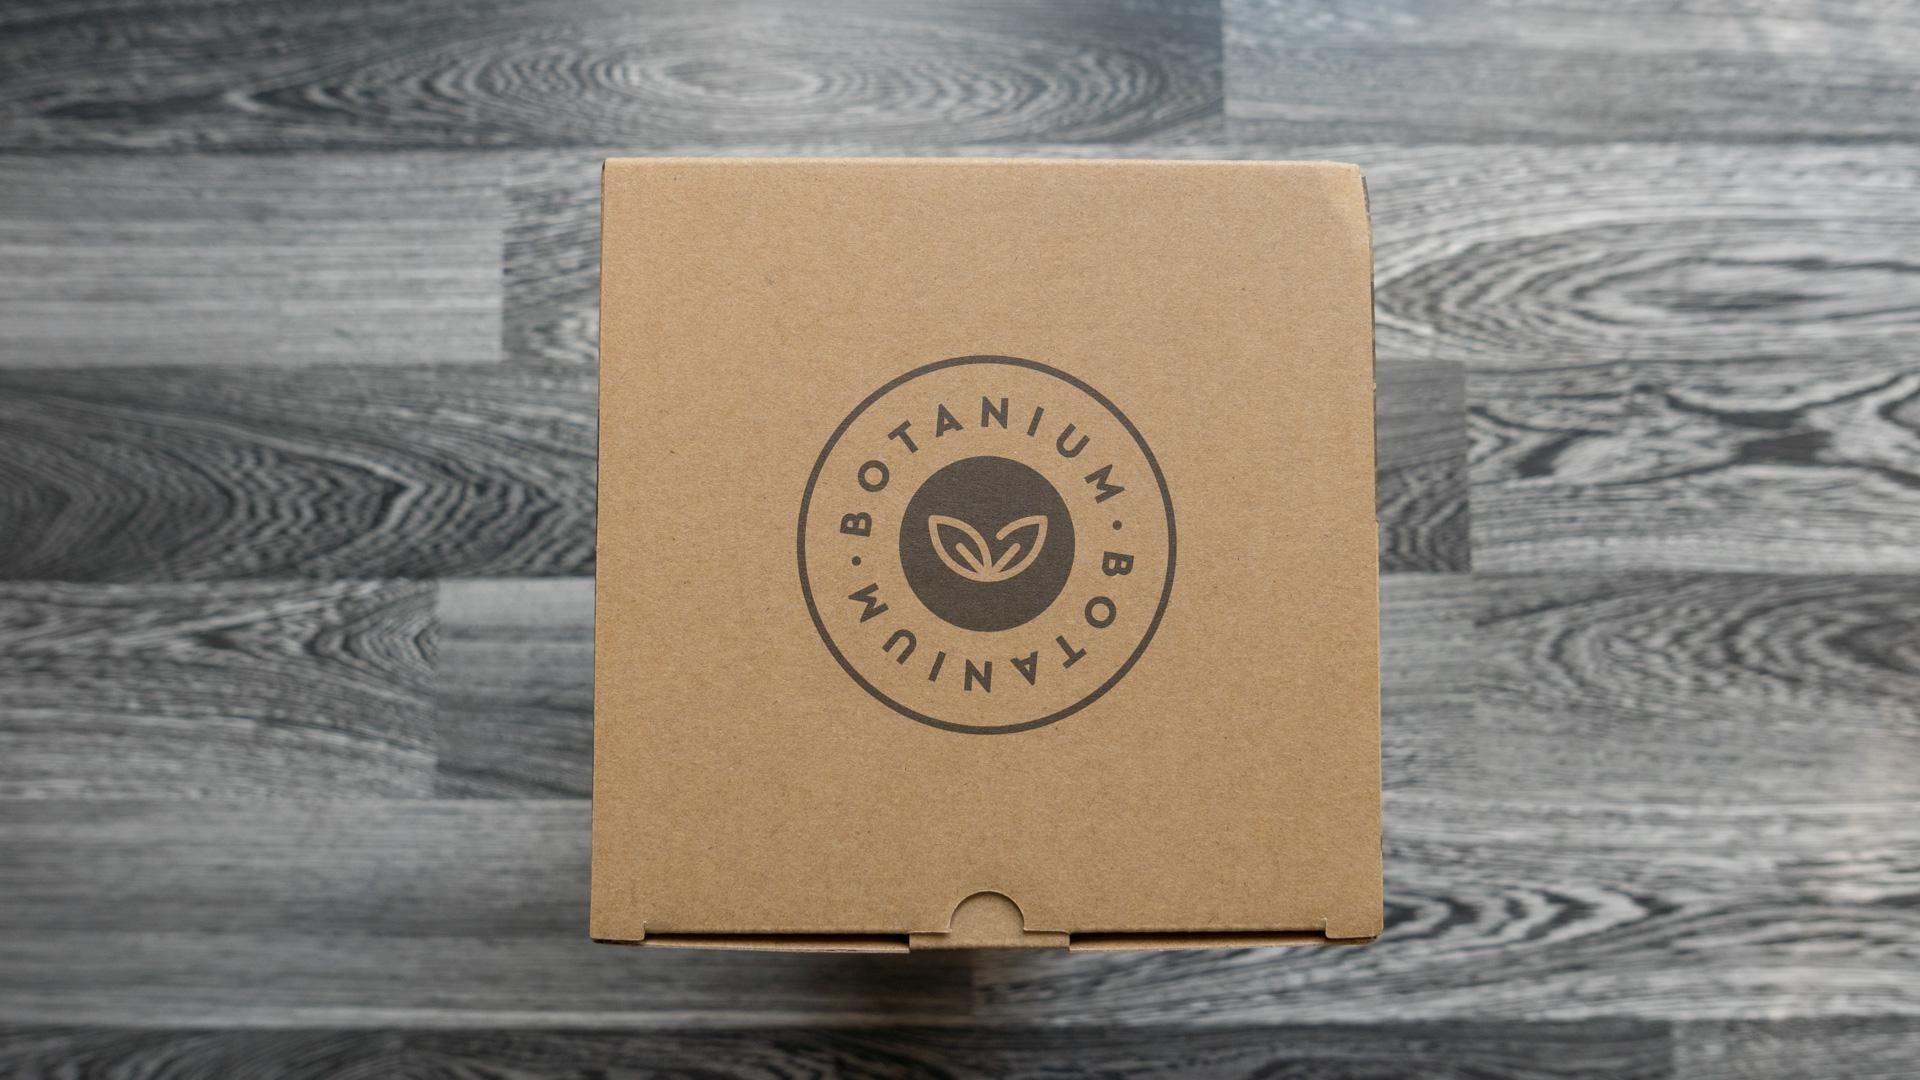 Botanium Unboxing 10